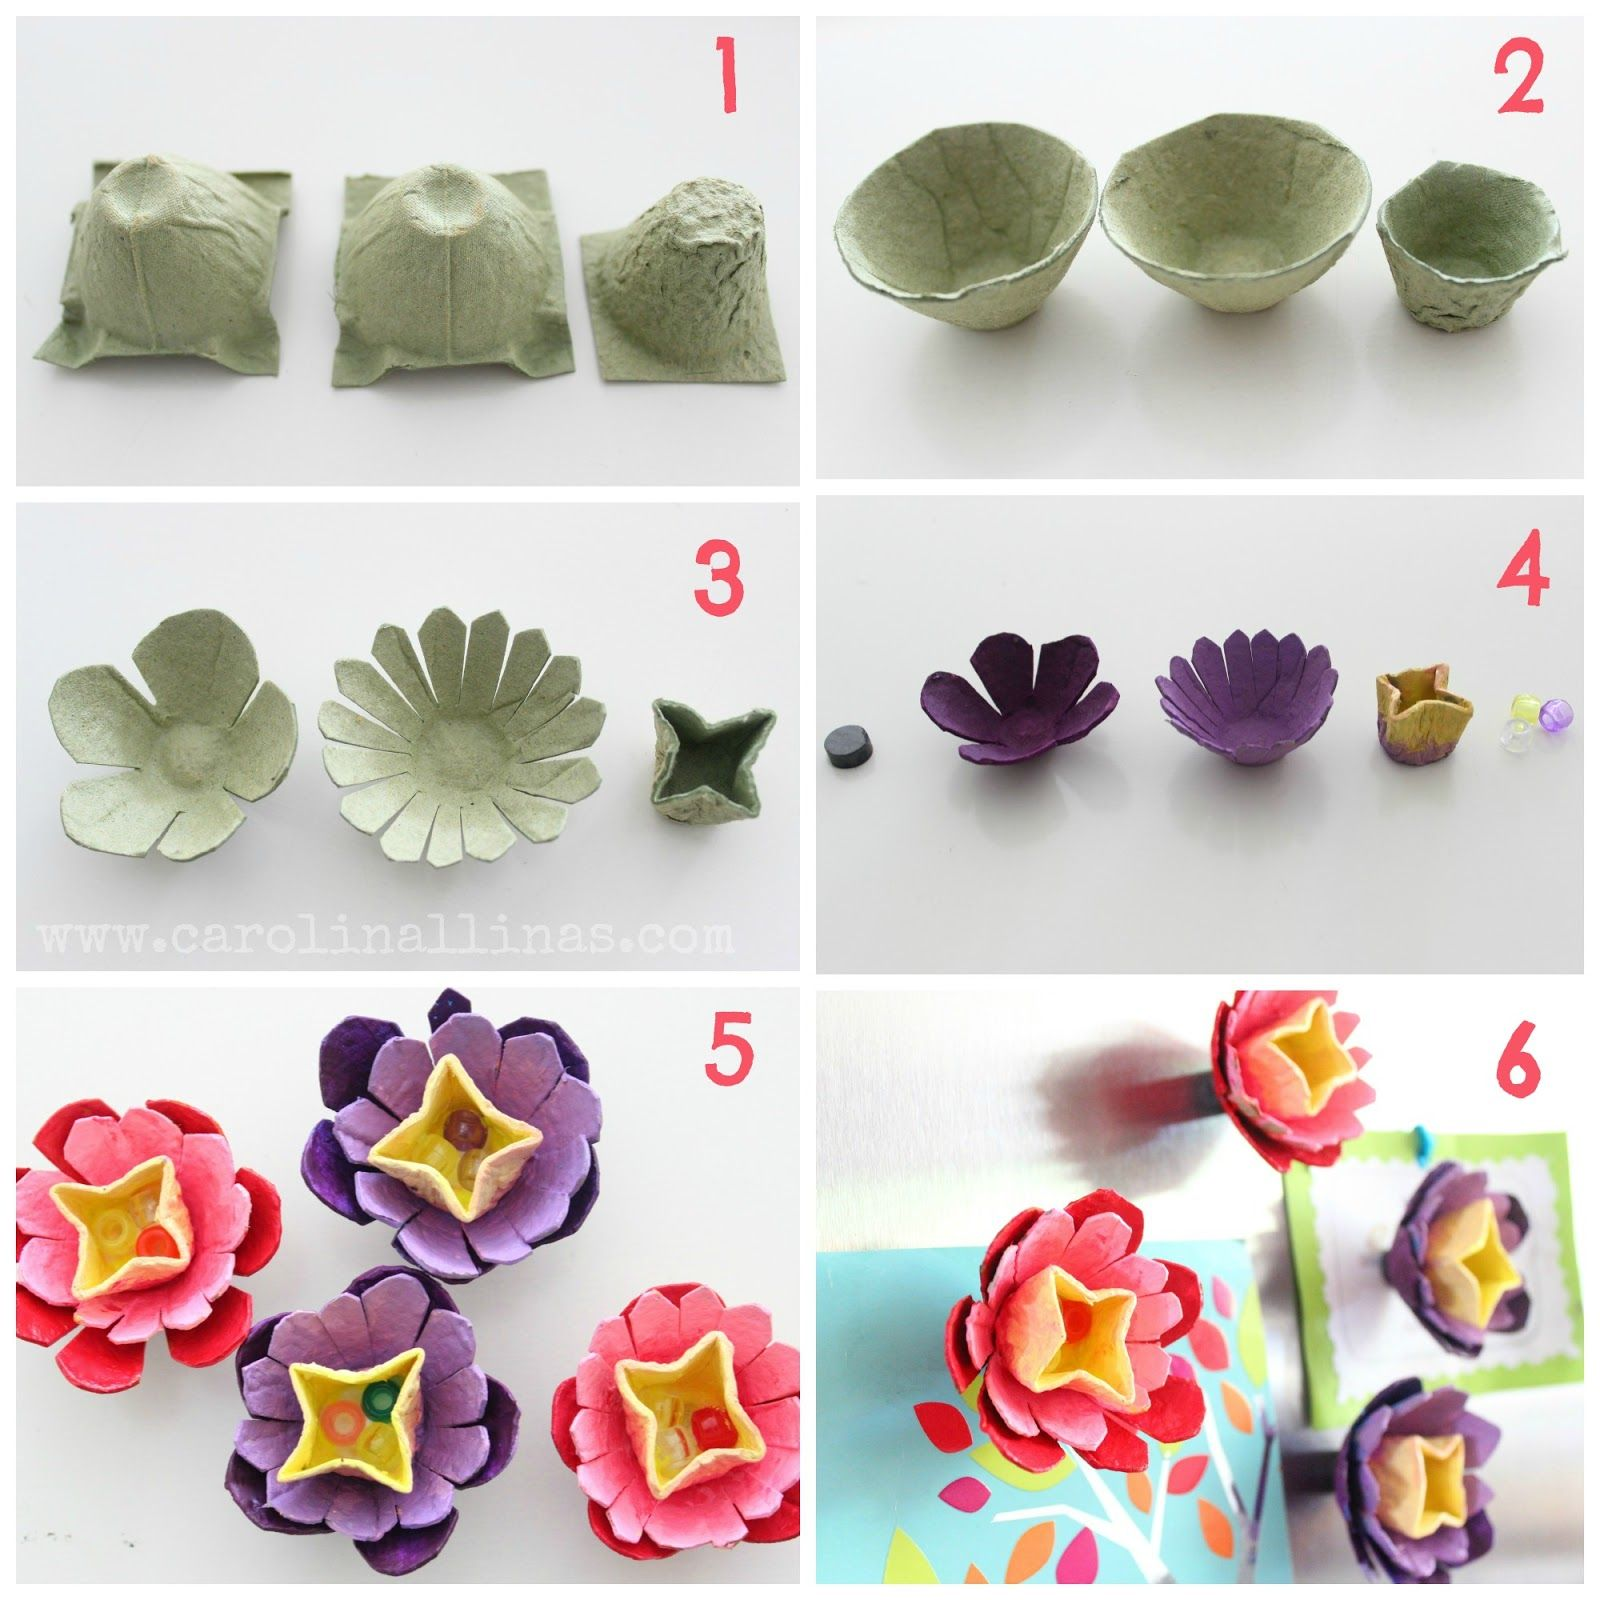 Imanes de flores hechas con cajas de huevo manualidades - Caja de huevo ...